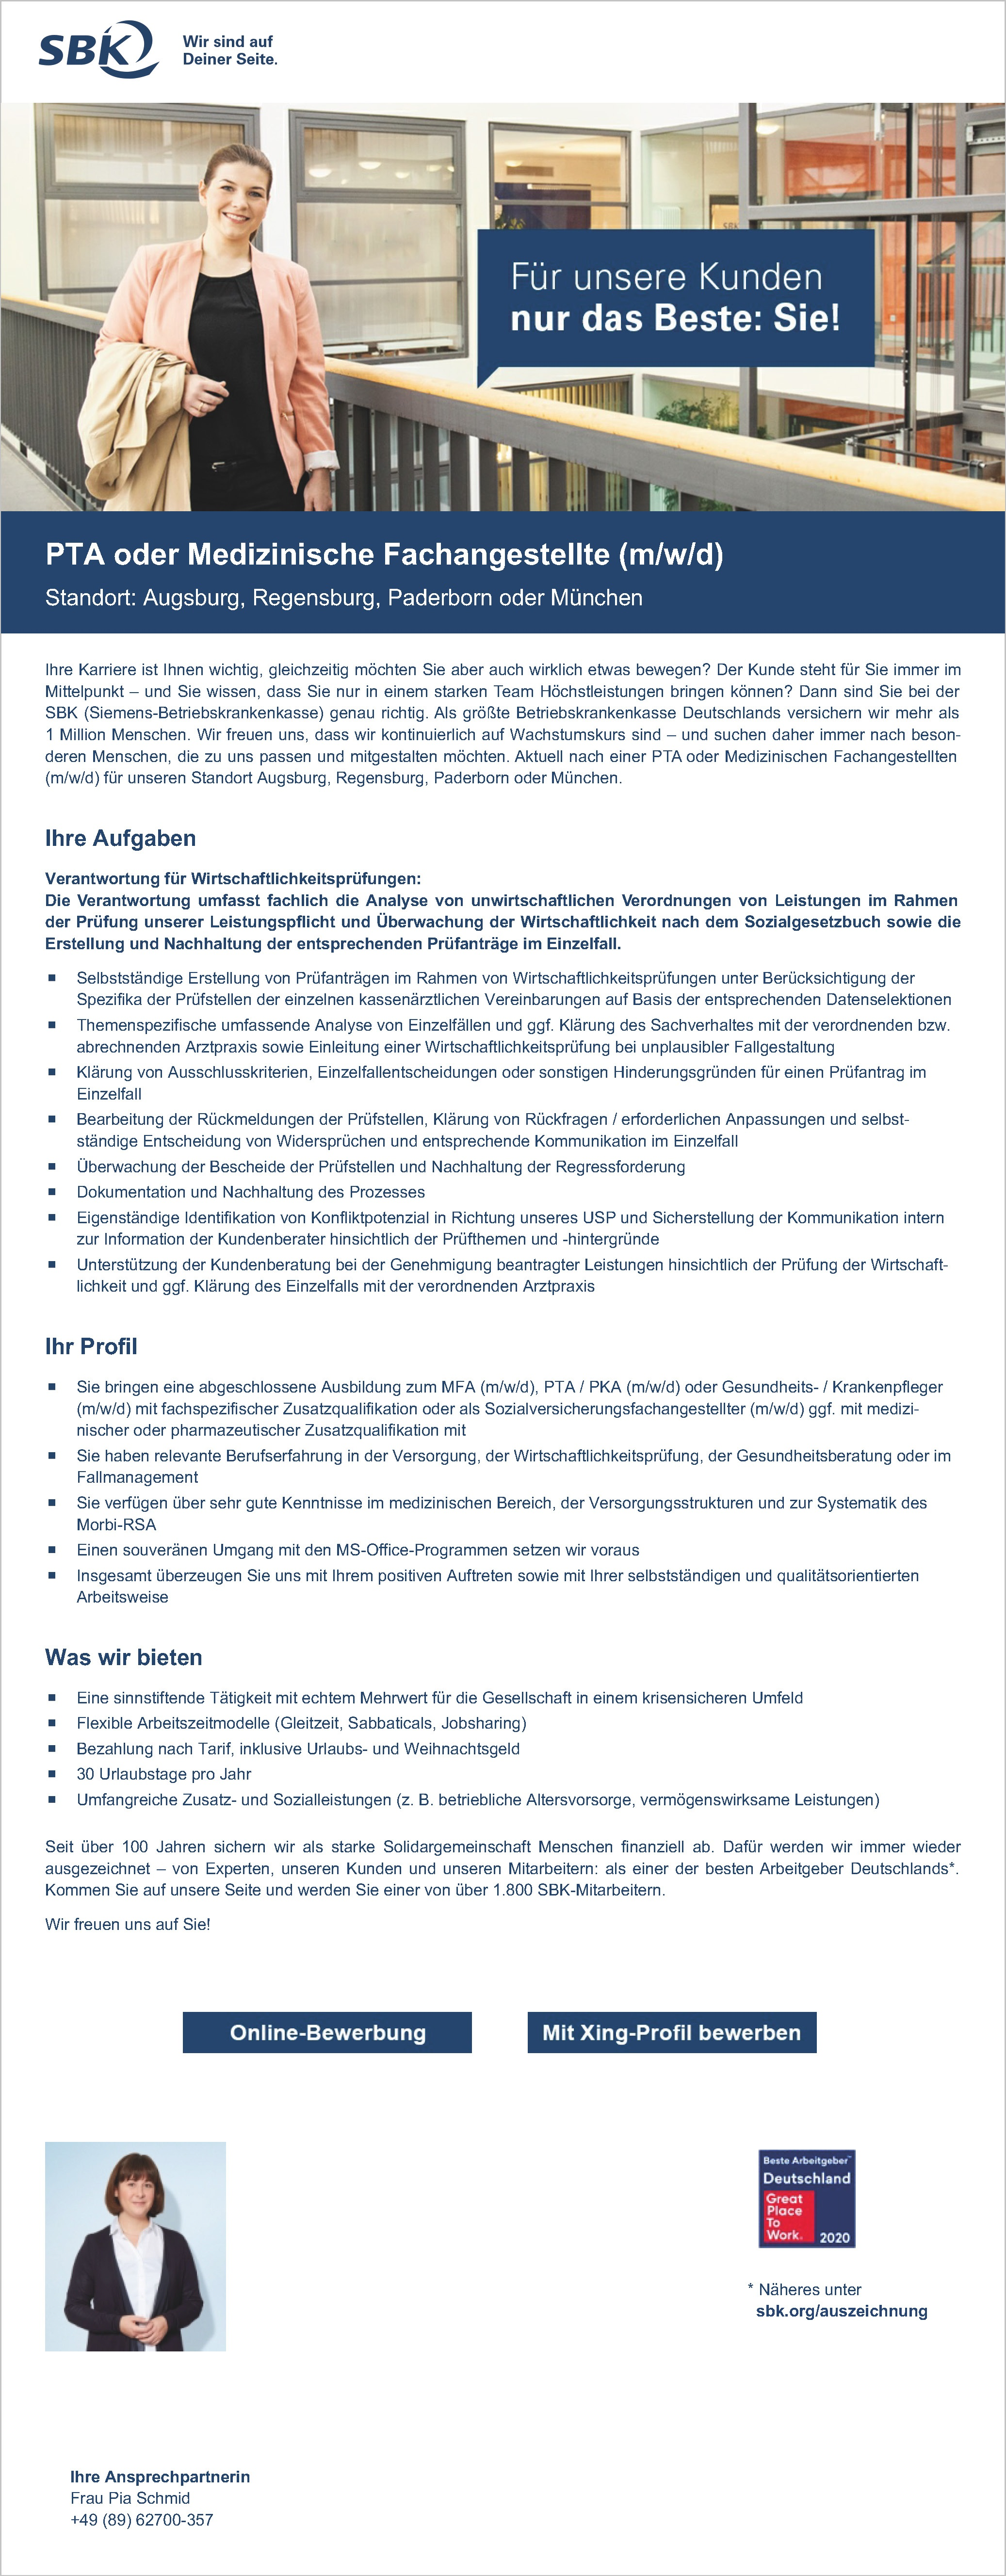 PTA oder Medizinische Fachangestellte (m/w/d) Standort: Augsburg, Regensburg, Paderborn oder München